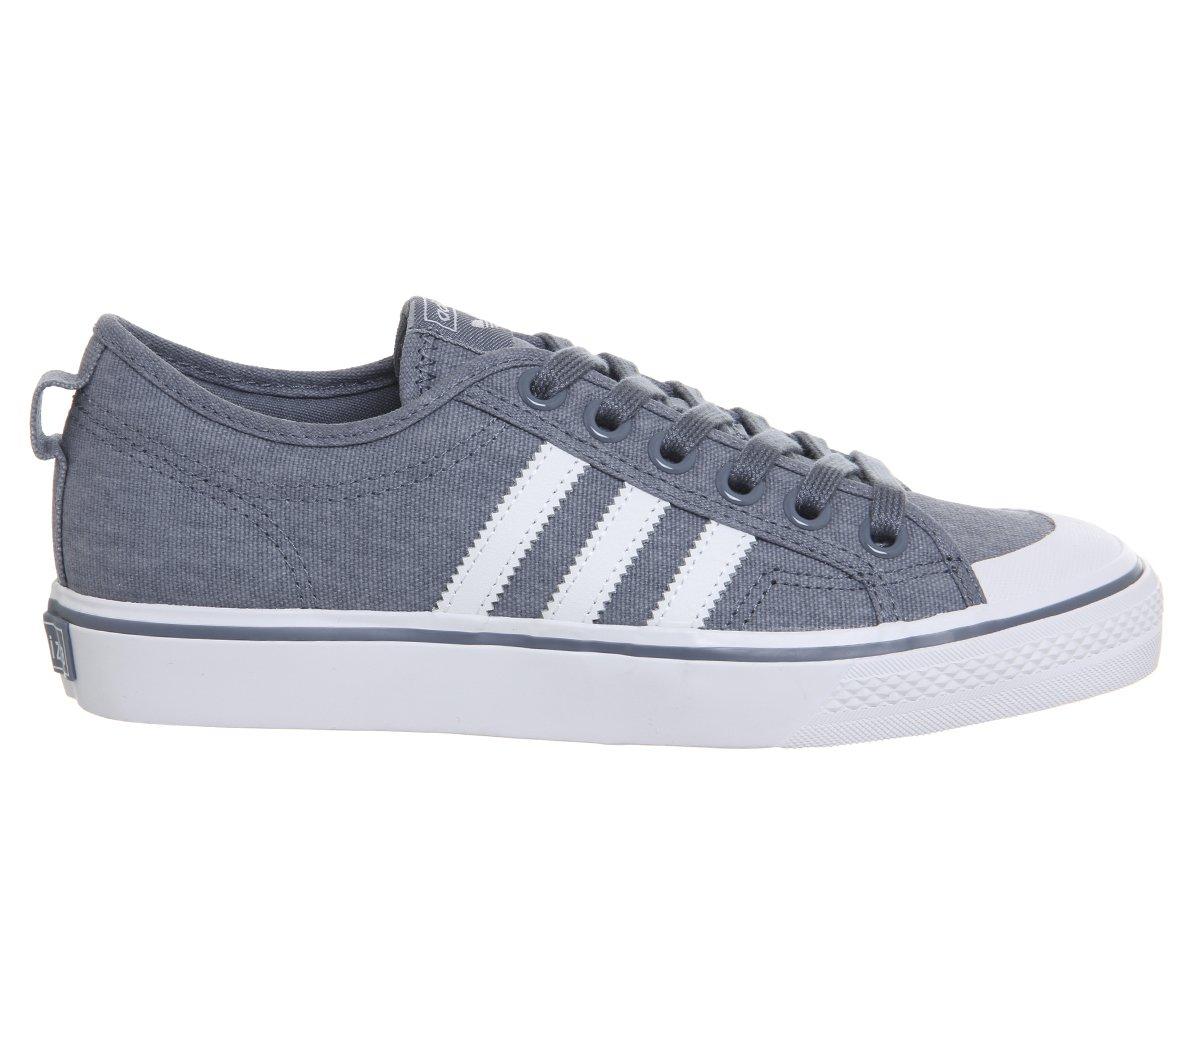 Adidas Nizza W Calzado 36 EU|Azul En línea Obtenga la mejor oferta barata de descuento más grande